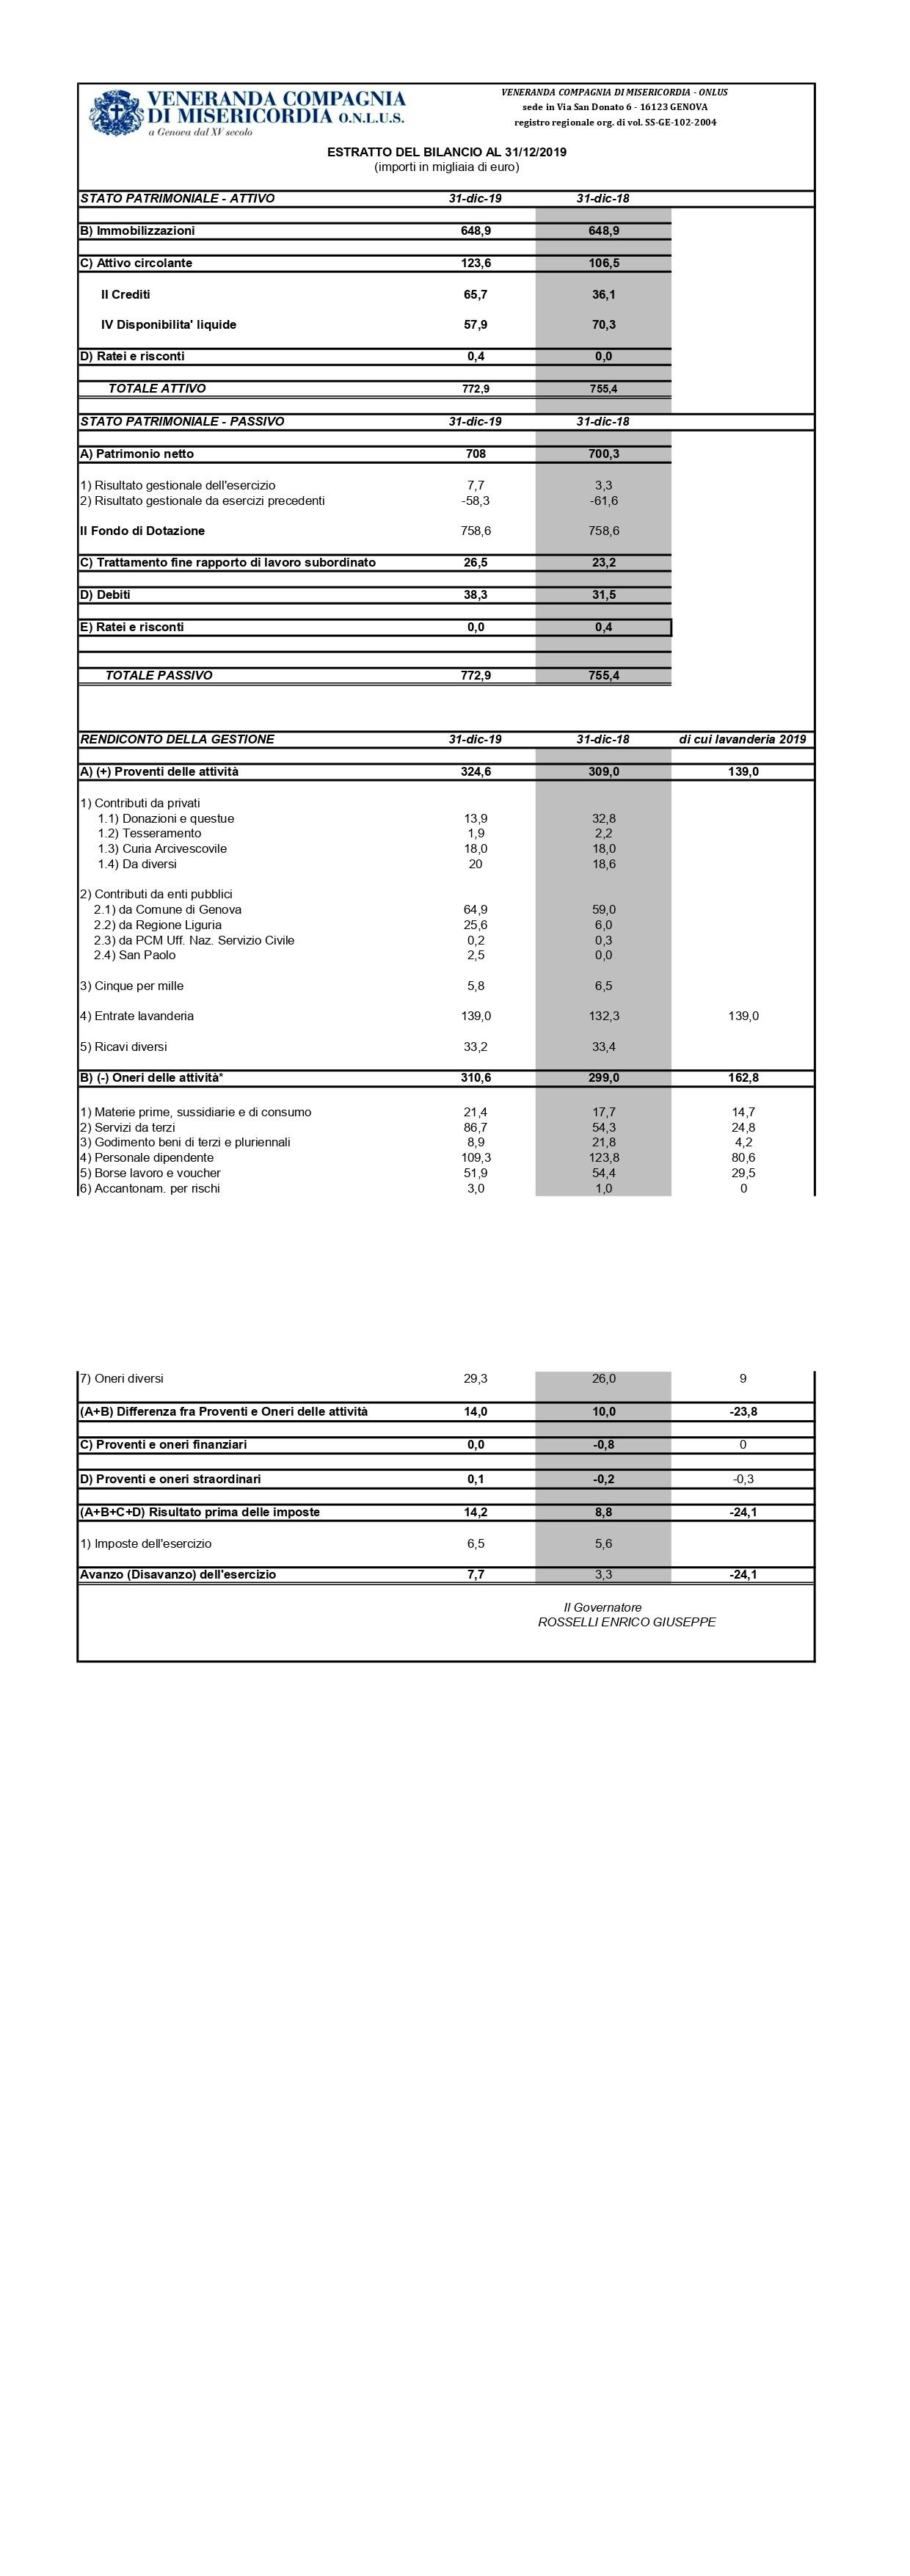 bilancio 2019 per sito